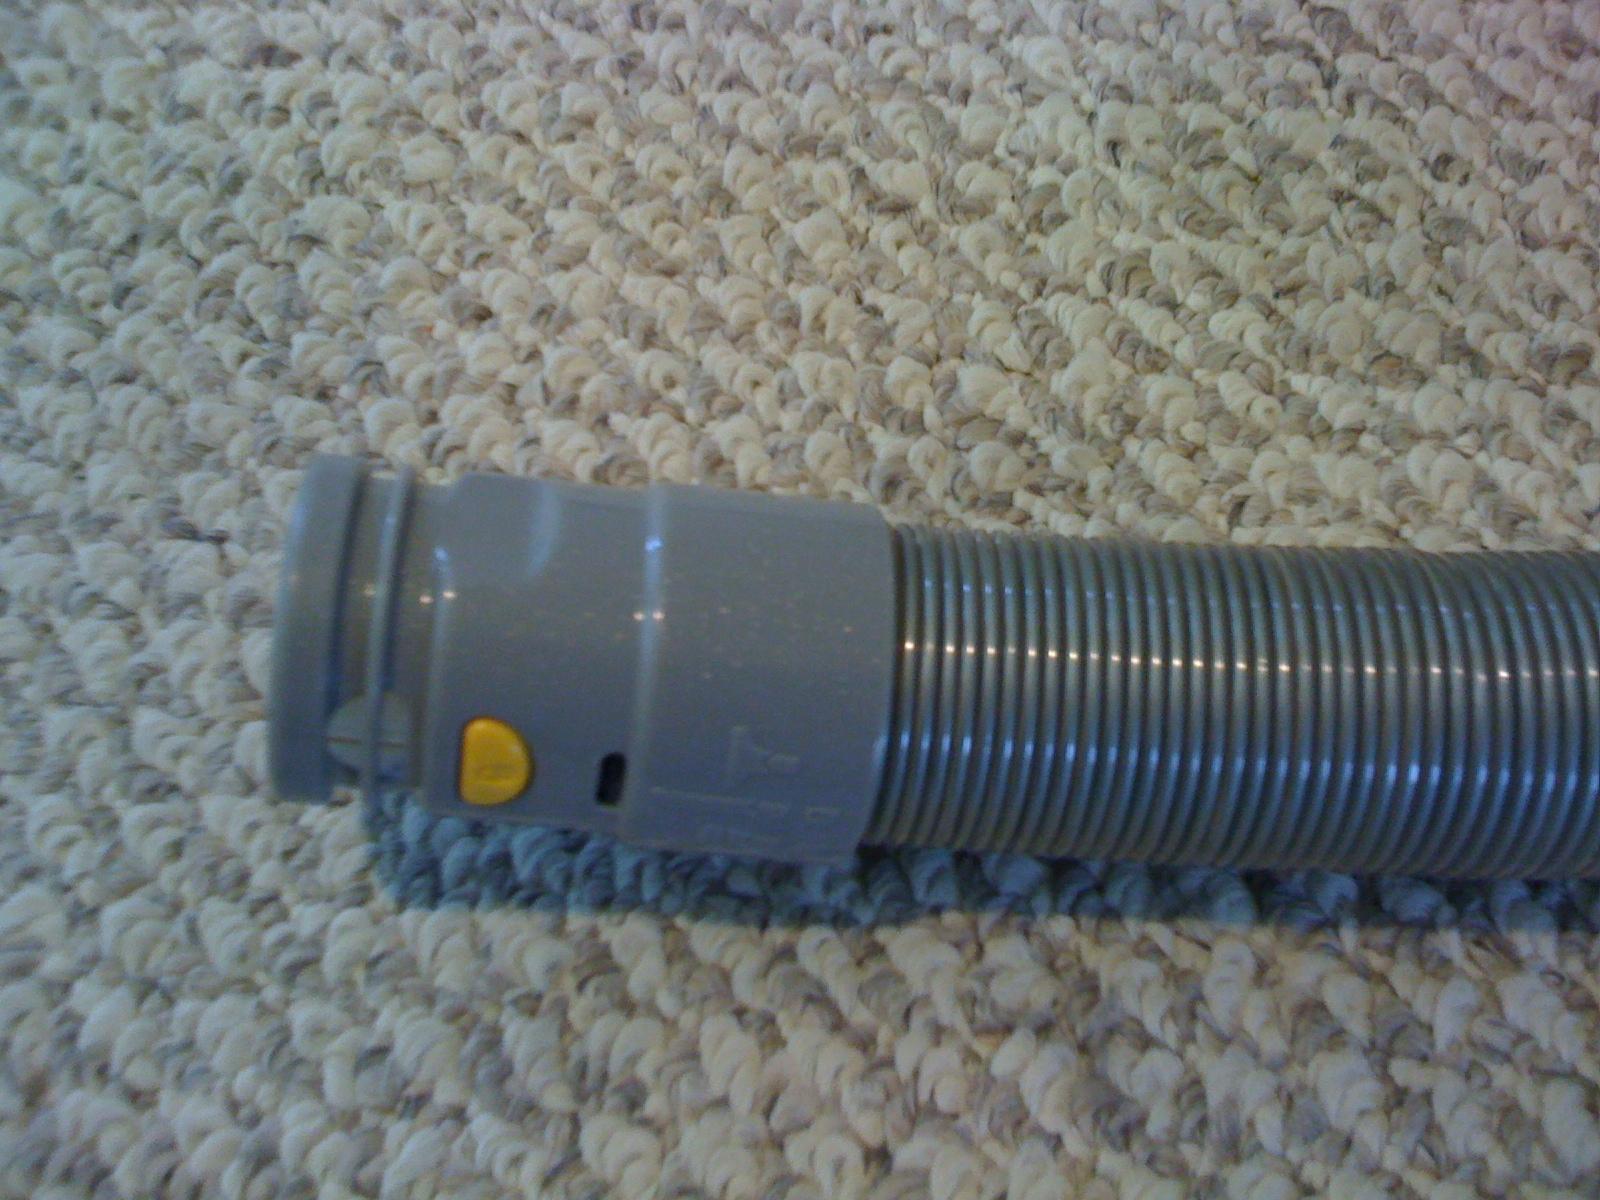 Fix a Dyson Vacuum Hose: 8 Steps